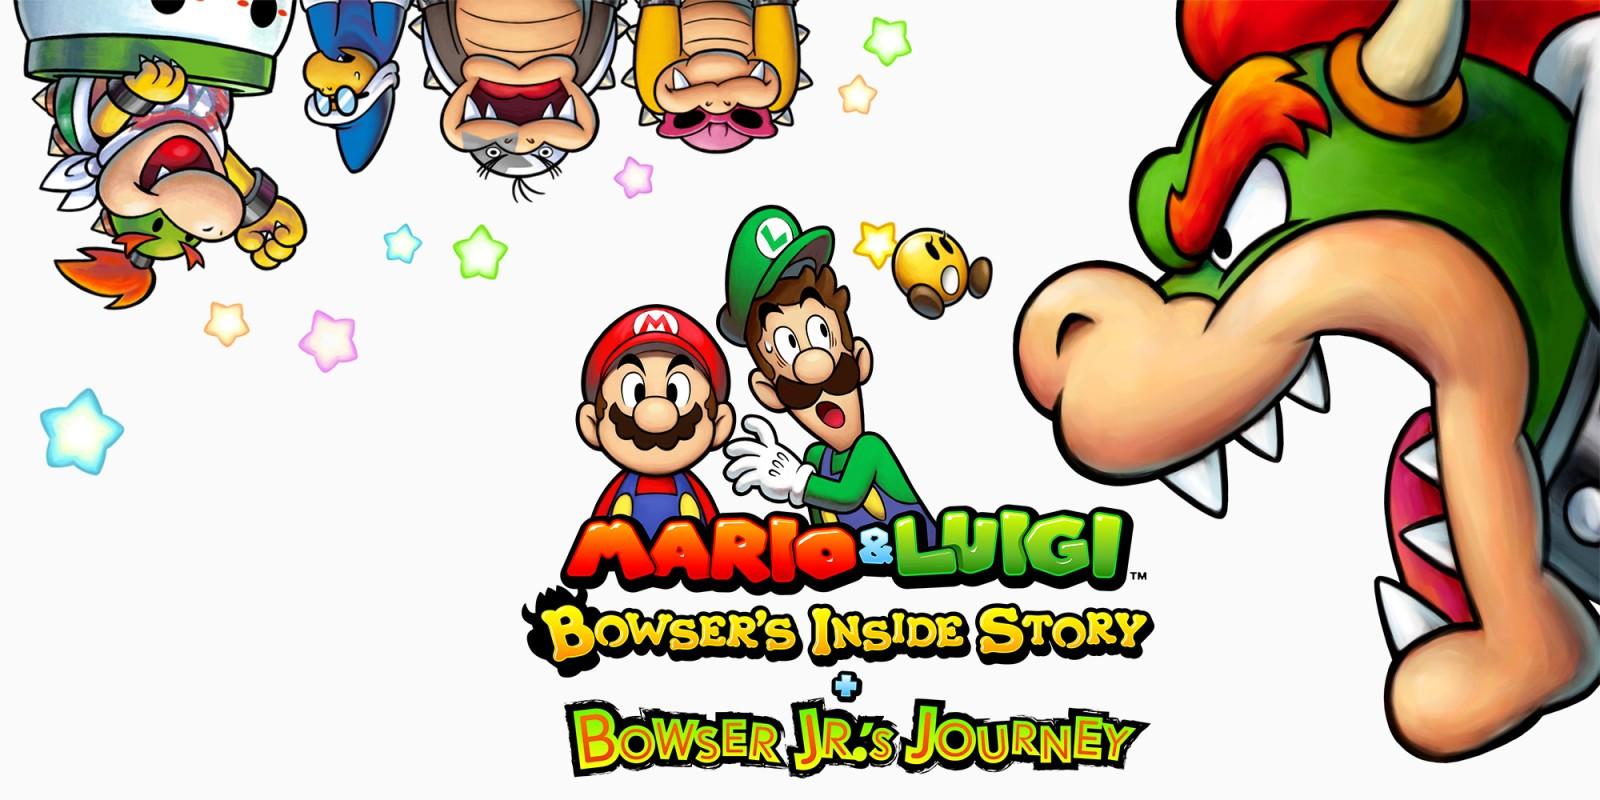 Japão: Mario & Luigi: Bowser's Inside Story + Bowser Jr.'s Journey é o jogo do Mario com piores vendas desde o Virtual Boy